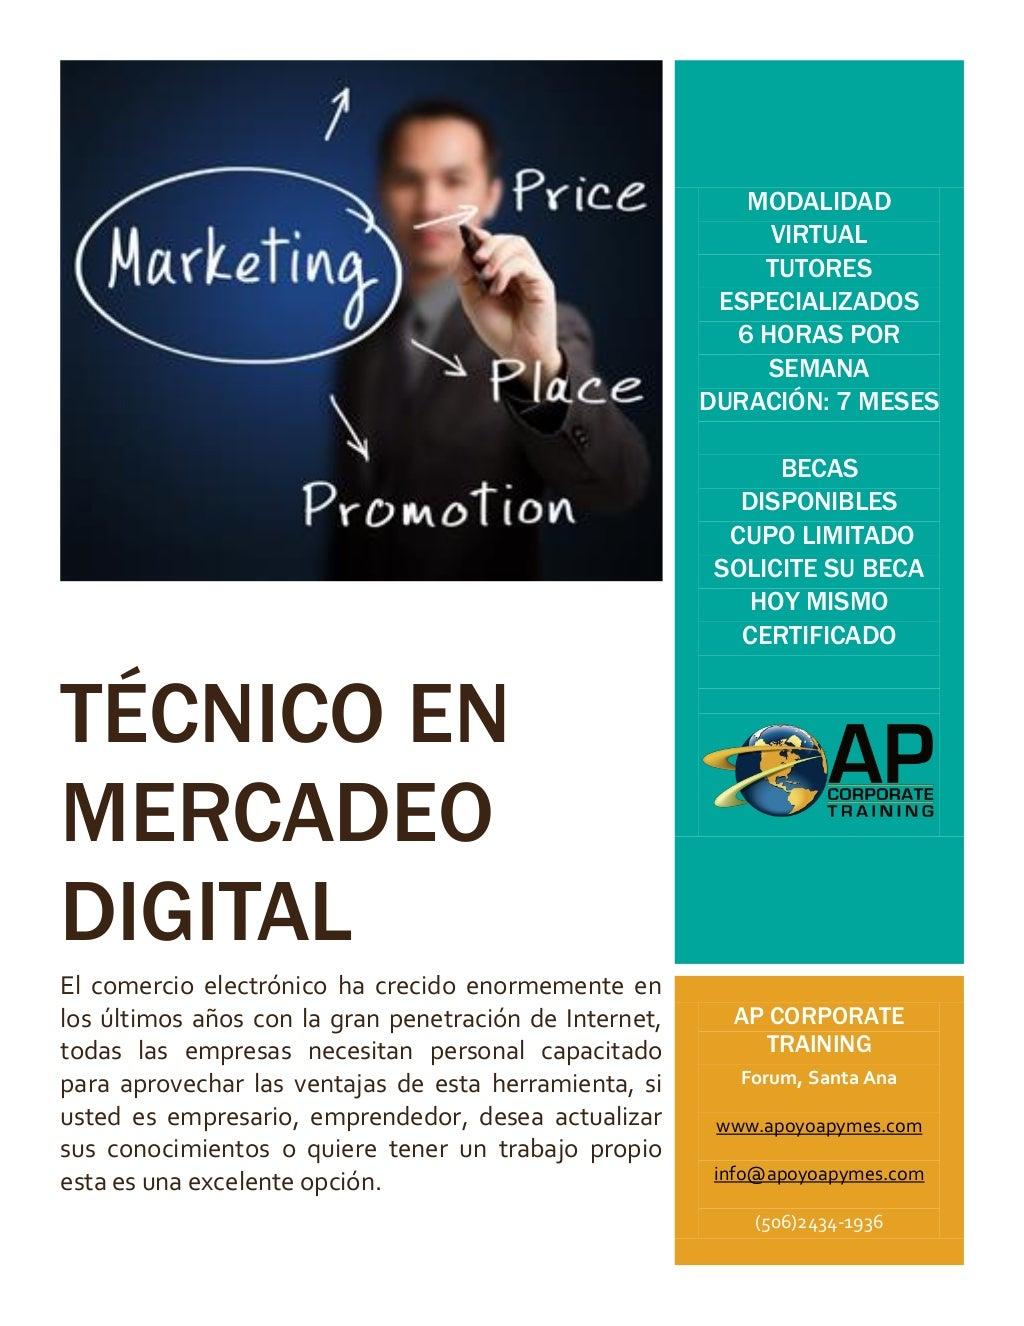 Técnico en mercadeo digital